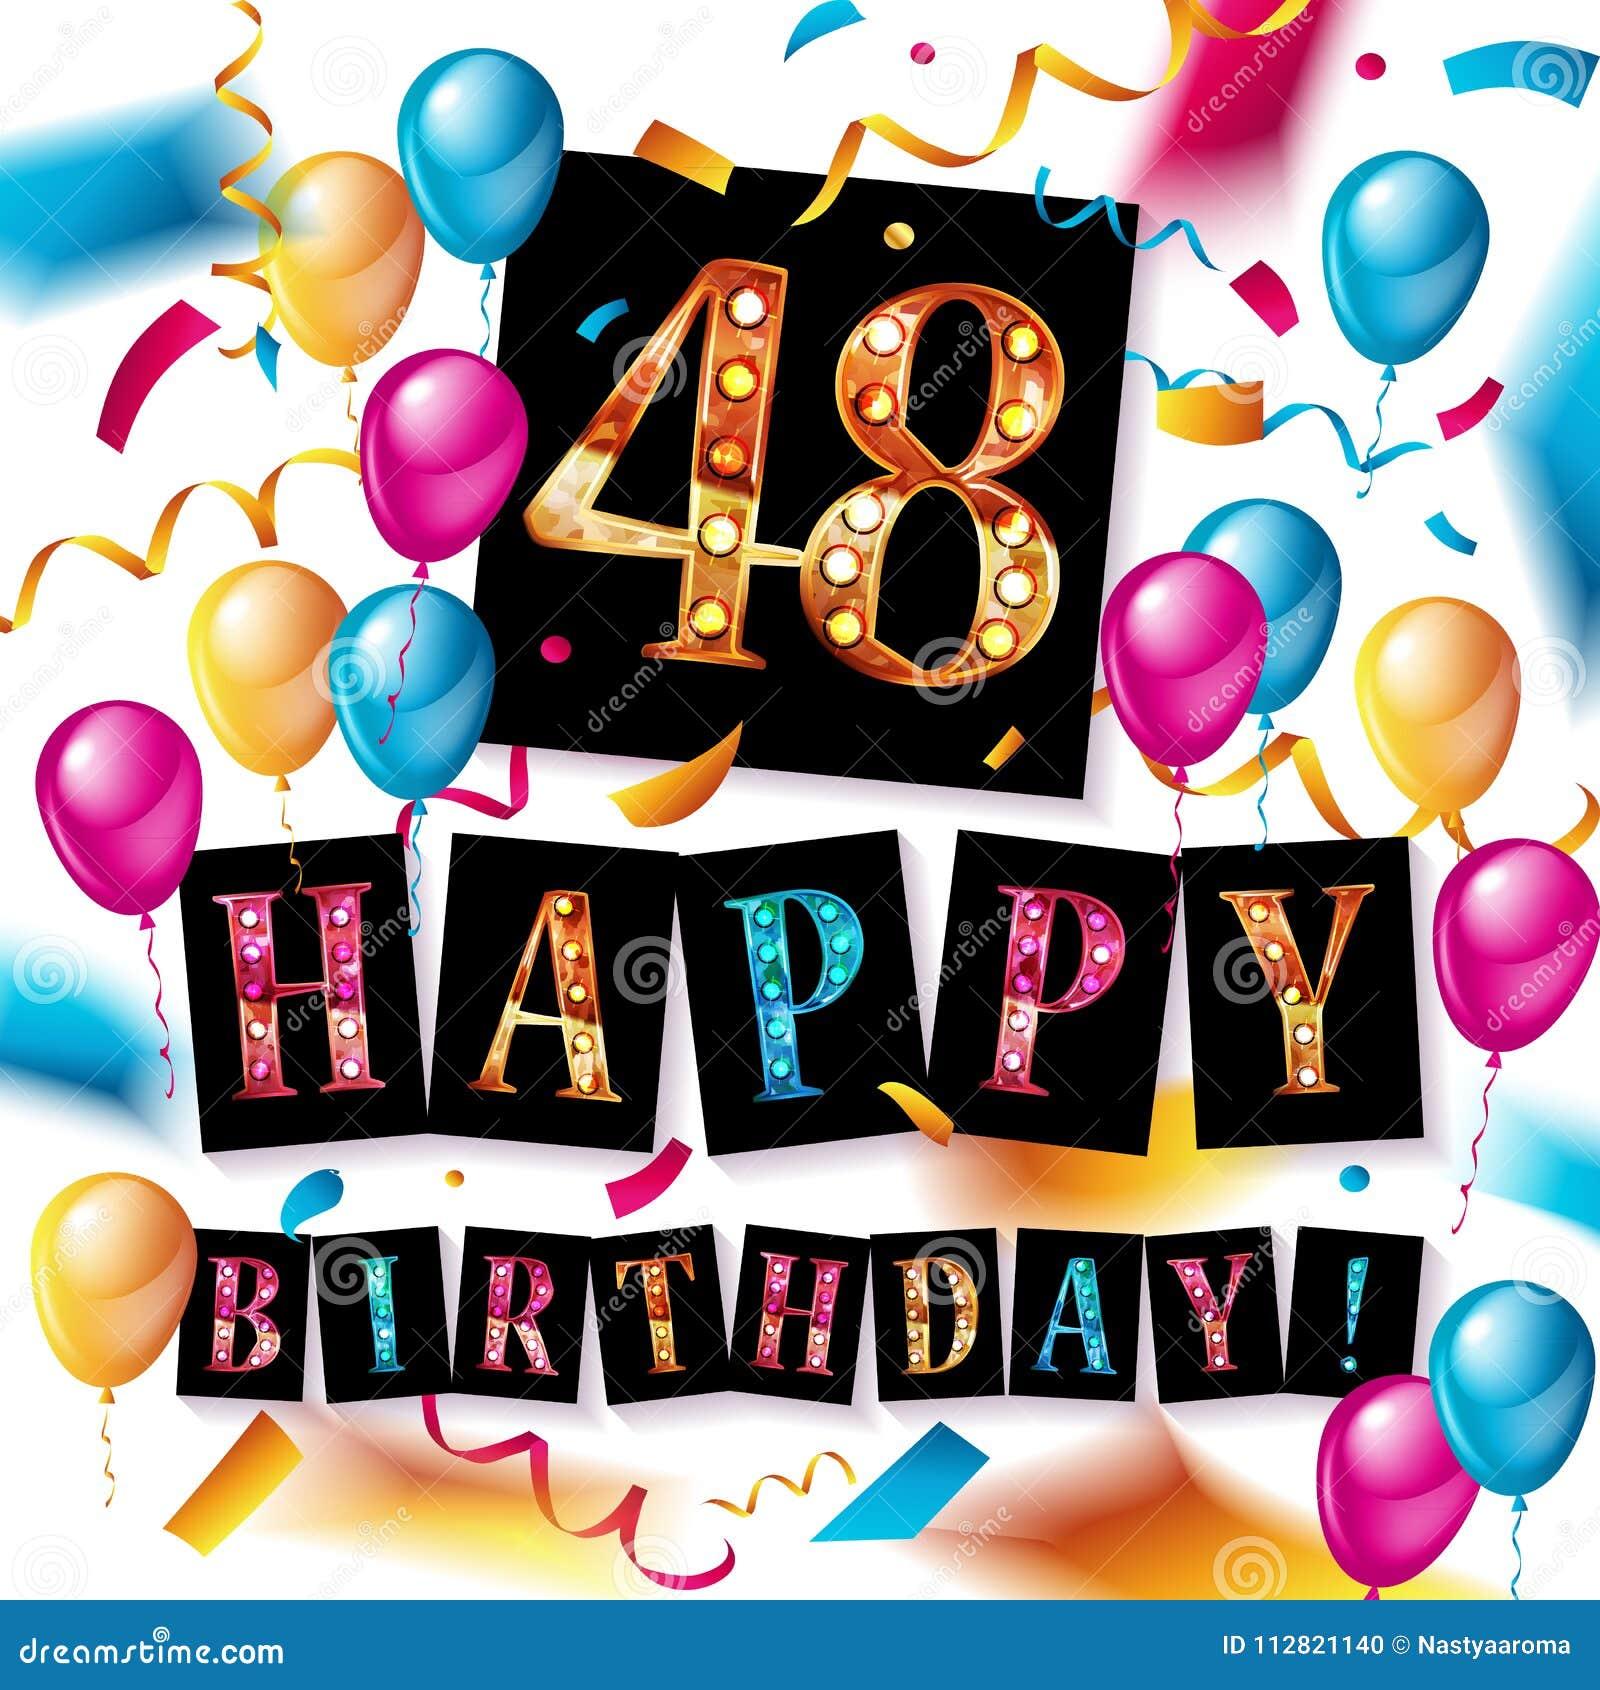 48 Van De Verjaardags Vectorjaar Illustratie Stock Illustratie